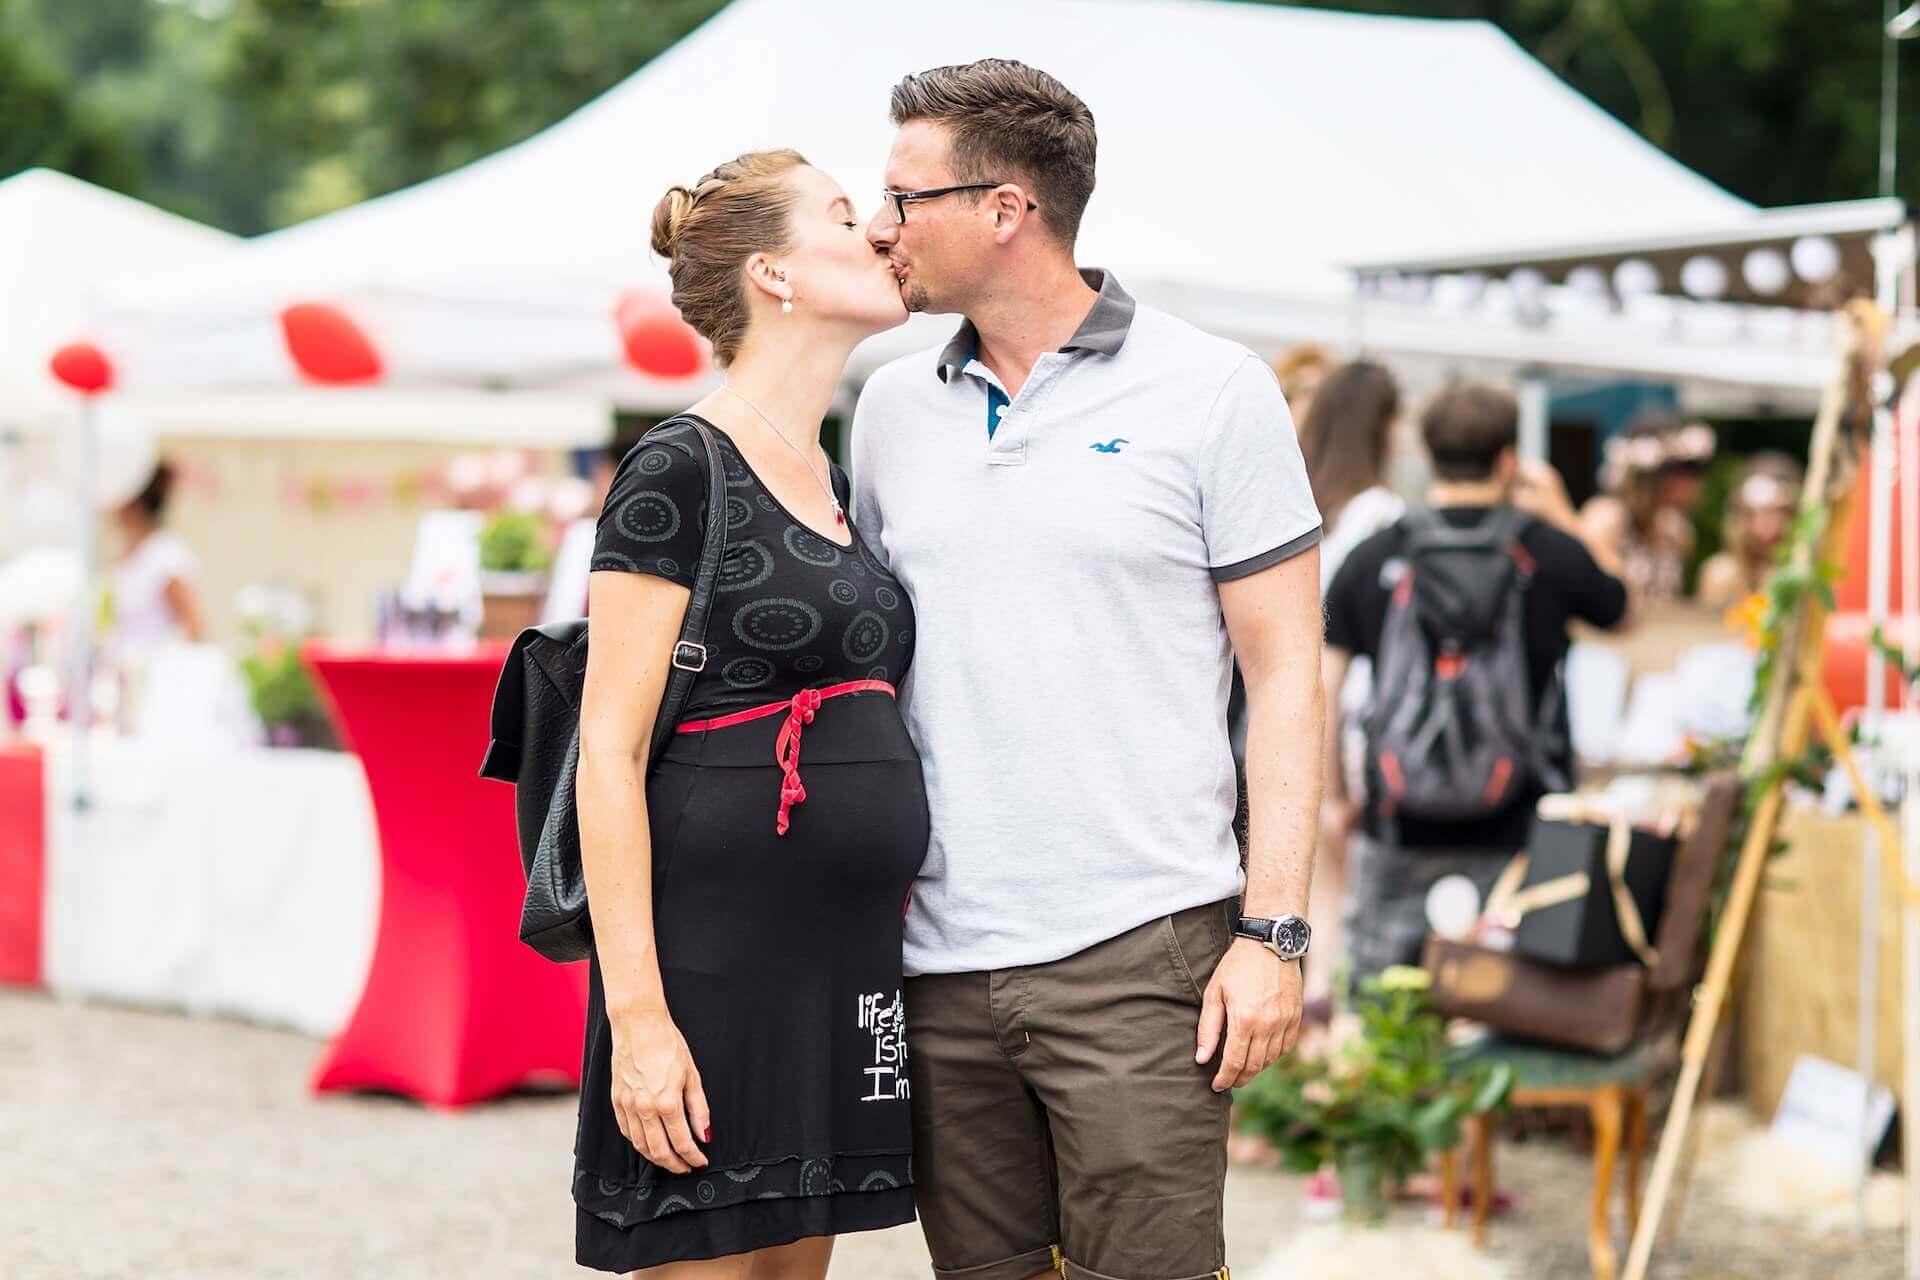 Wedding-Market-Leipzig-Sommer-Edition-2018-Wir-feiern-die-Liebe-(c)-Anne-Schwerin.jpg